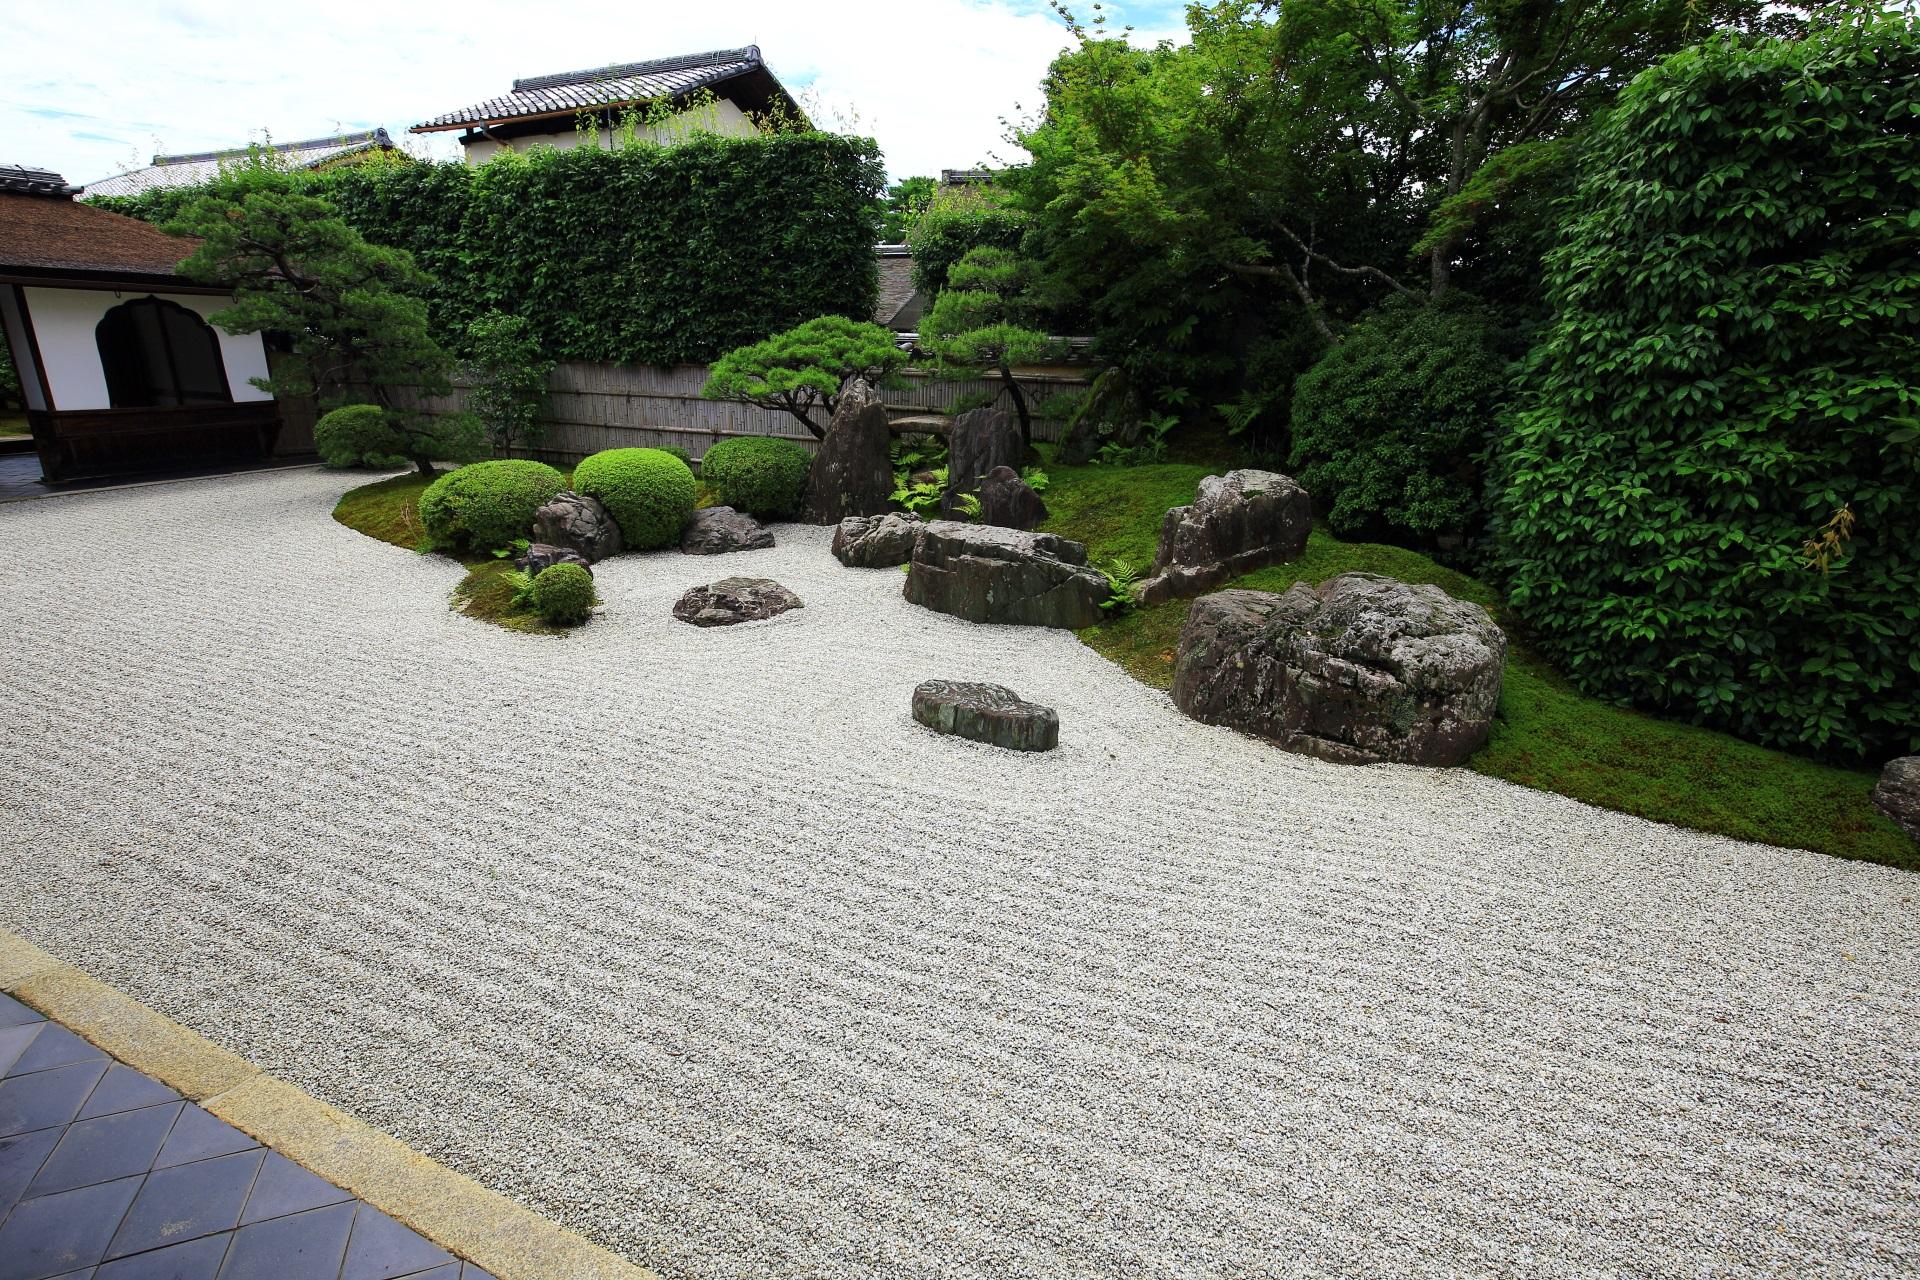 白砂に岩や緑の配された興臨院の枯山水庭園